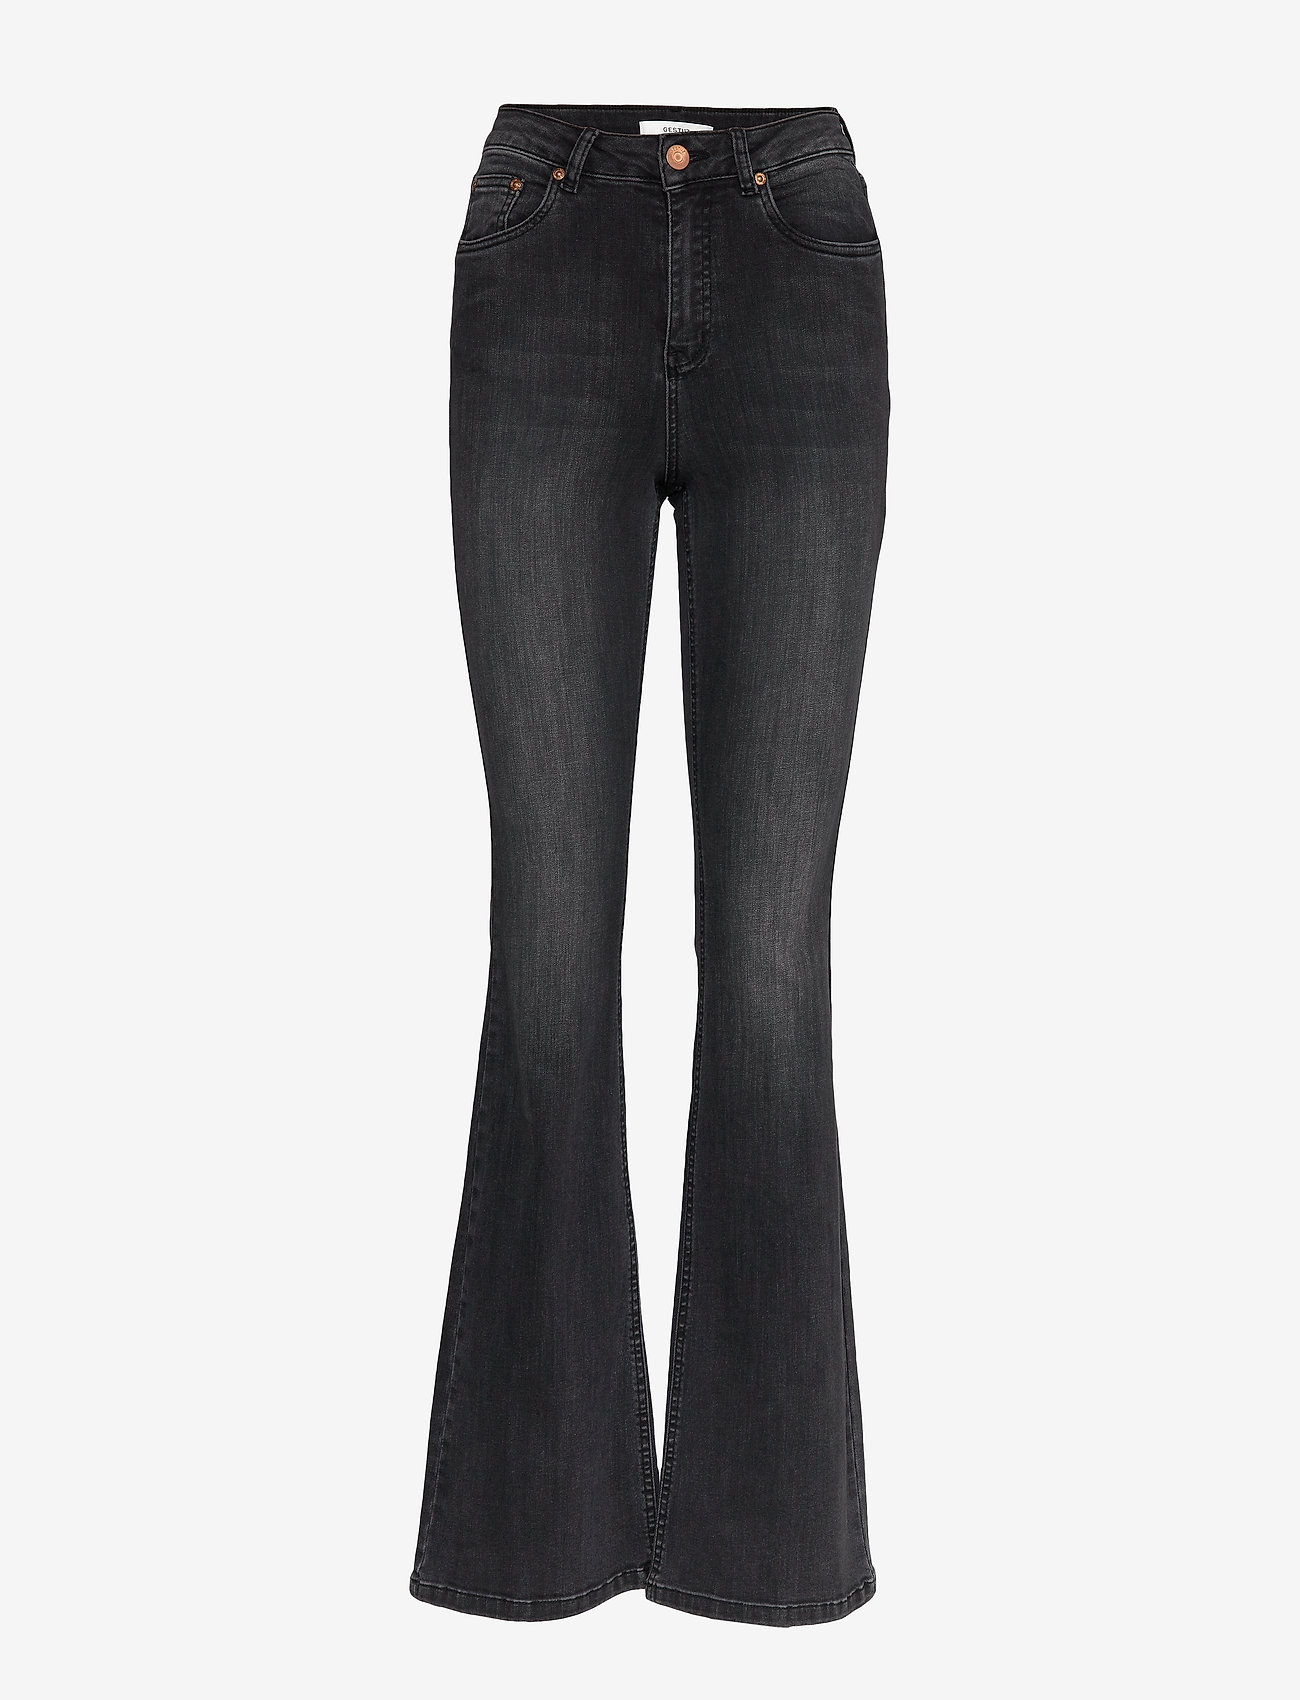 Gestuz - EmilindaGZ long jeans NOOS - jeans évasés - charcoal grey